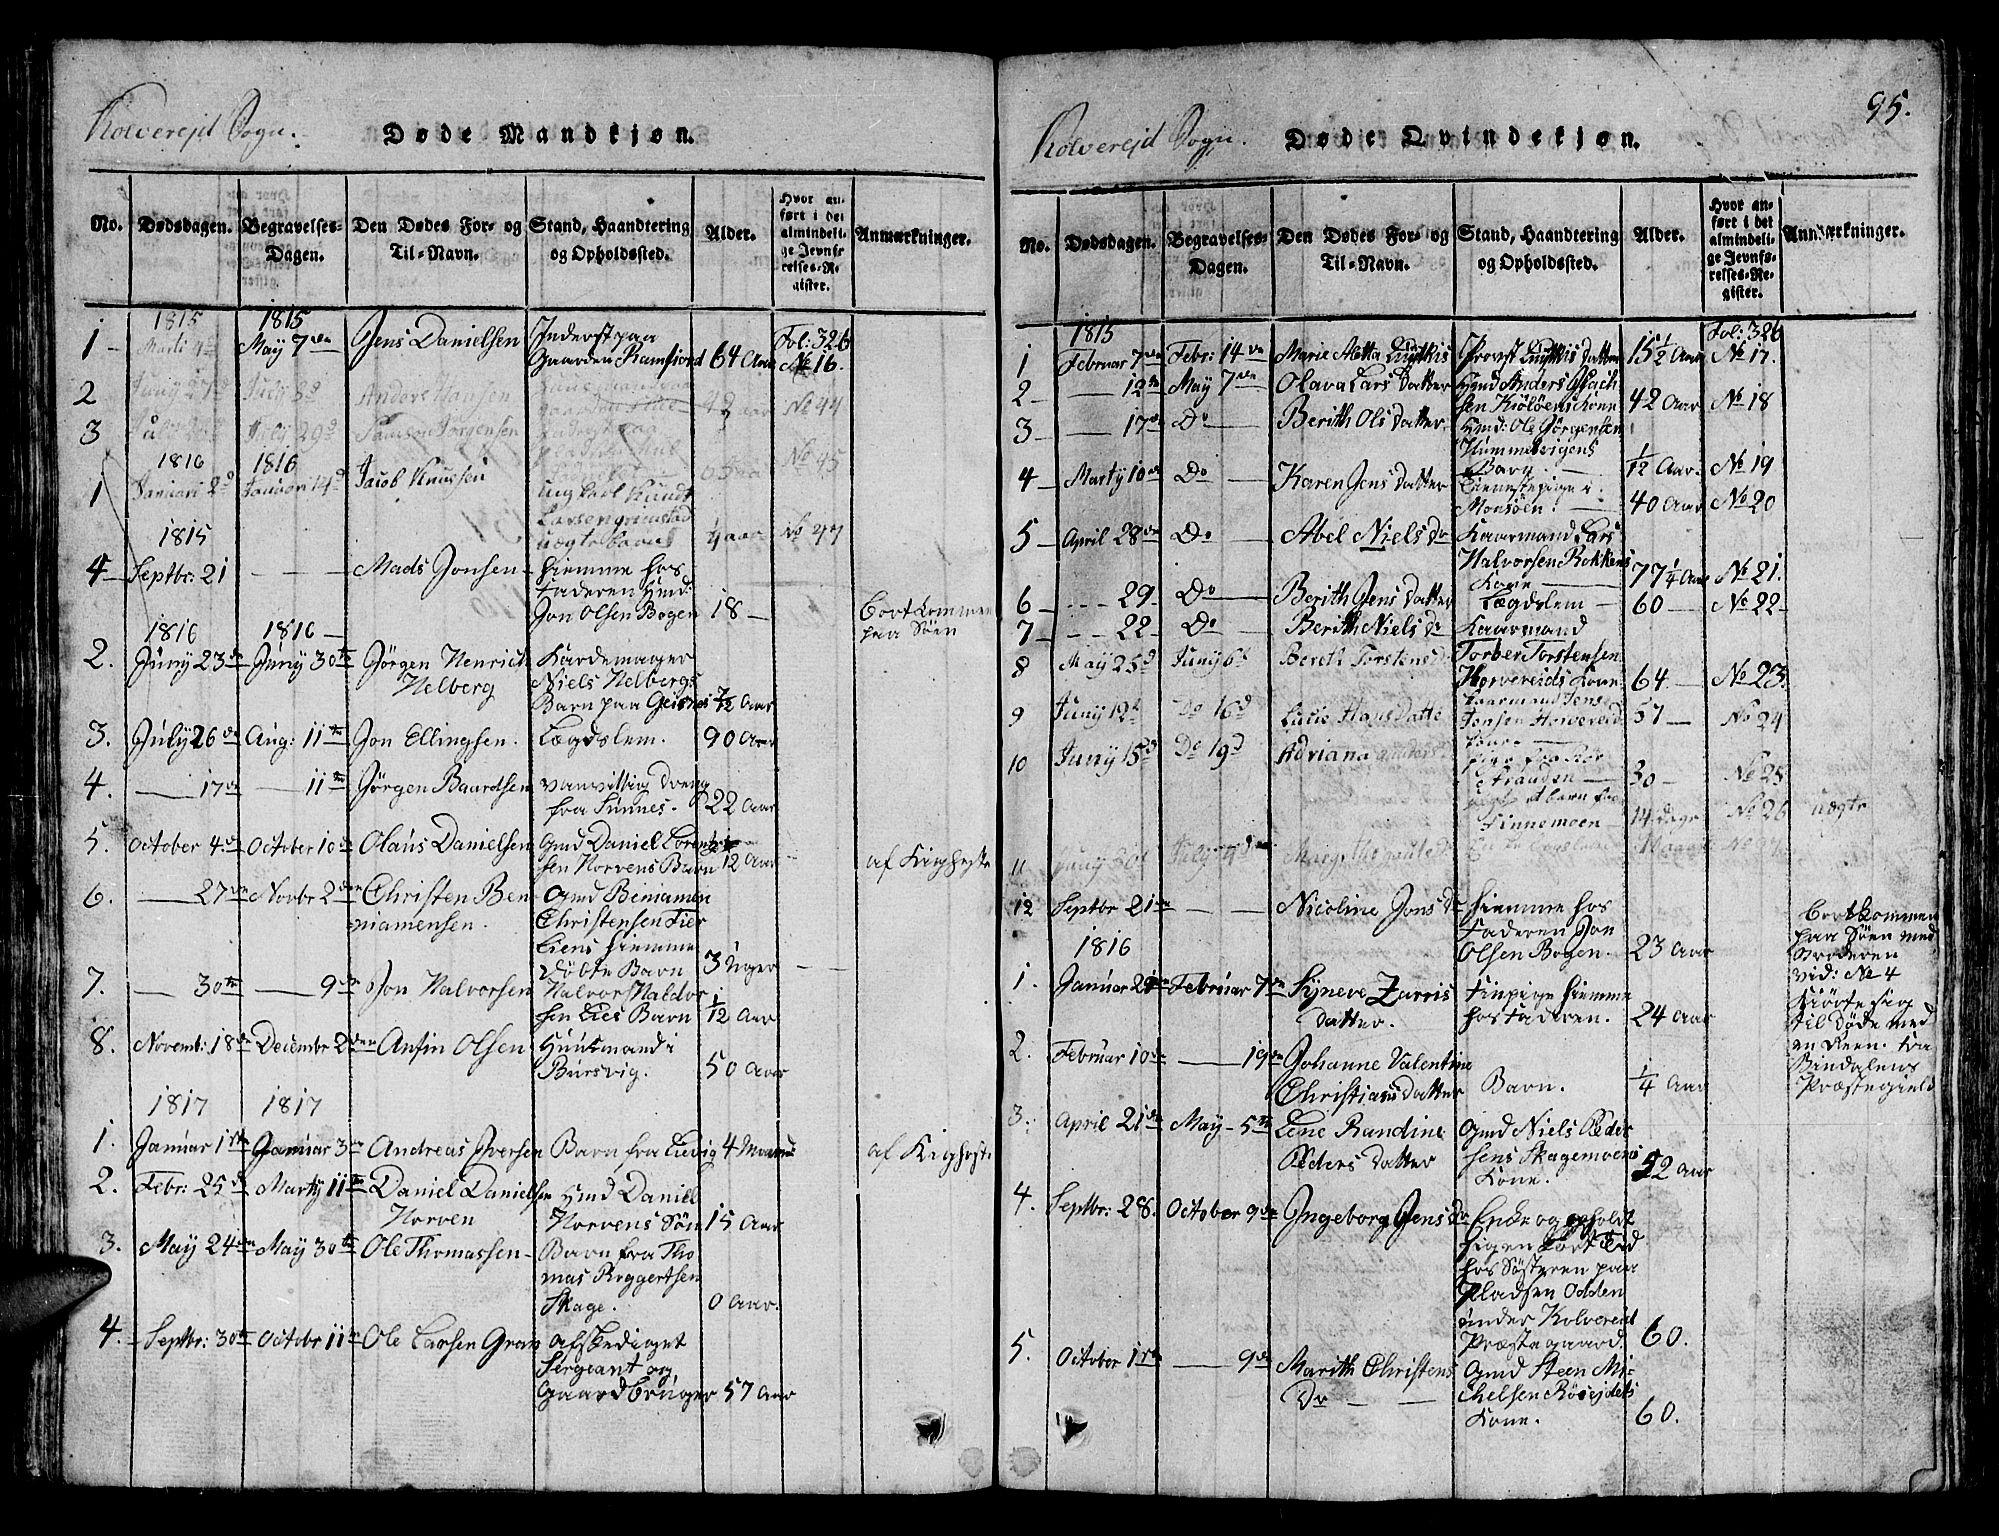 SAT, Ministerialprotokoller, klokkerbøker og fødselsregistre - Nord-Trøndelag, 780/L0648: Klokkerbok nr. 780C01 /1, 1815-1870, s. 95